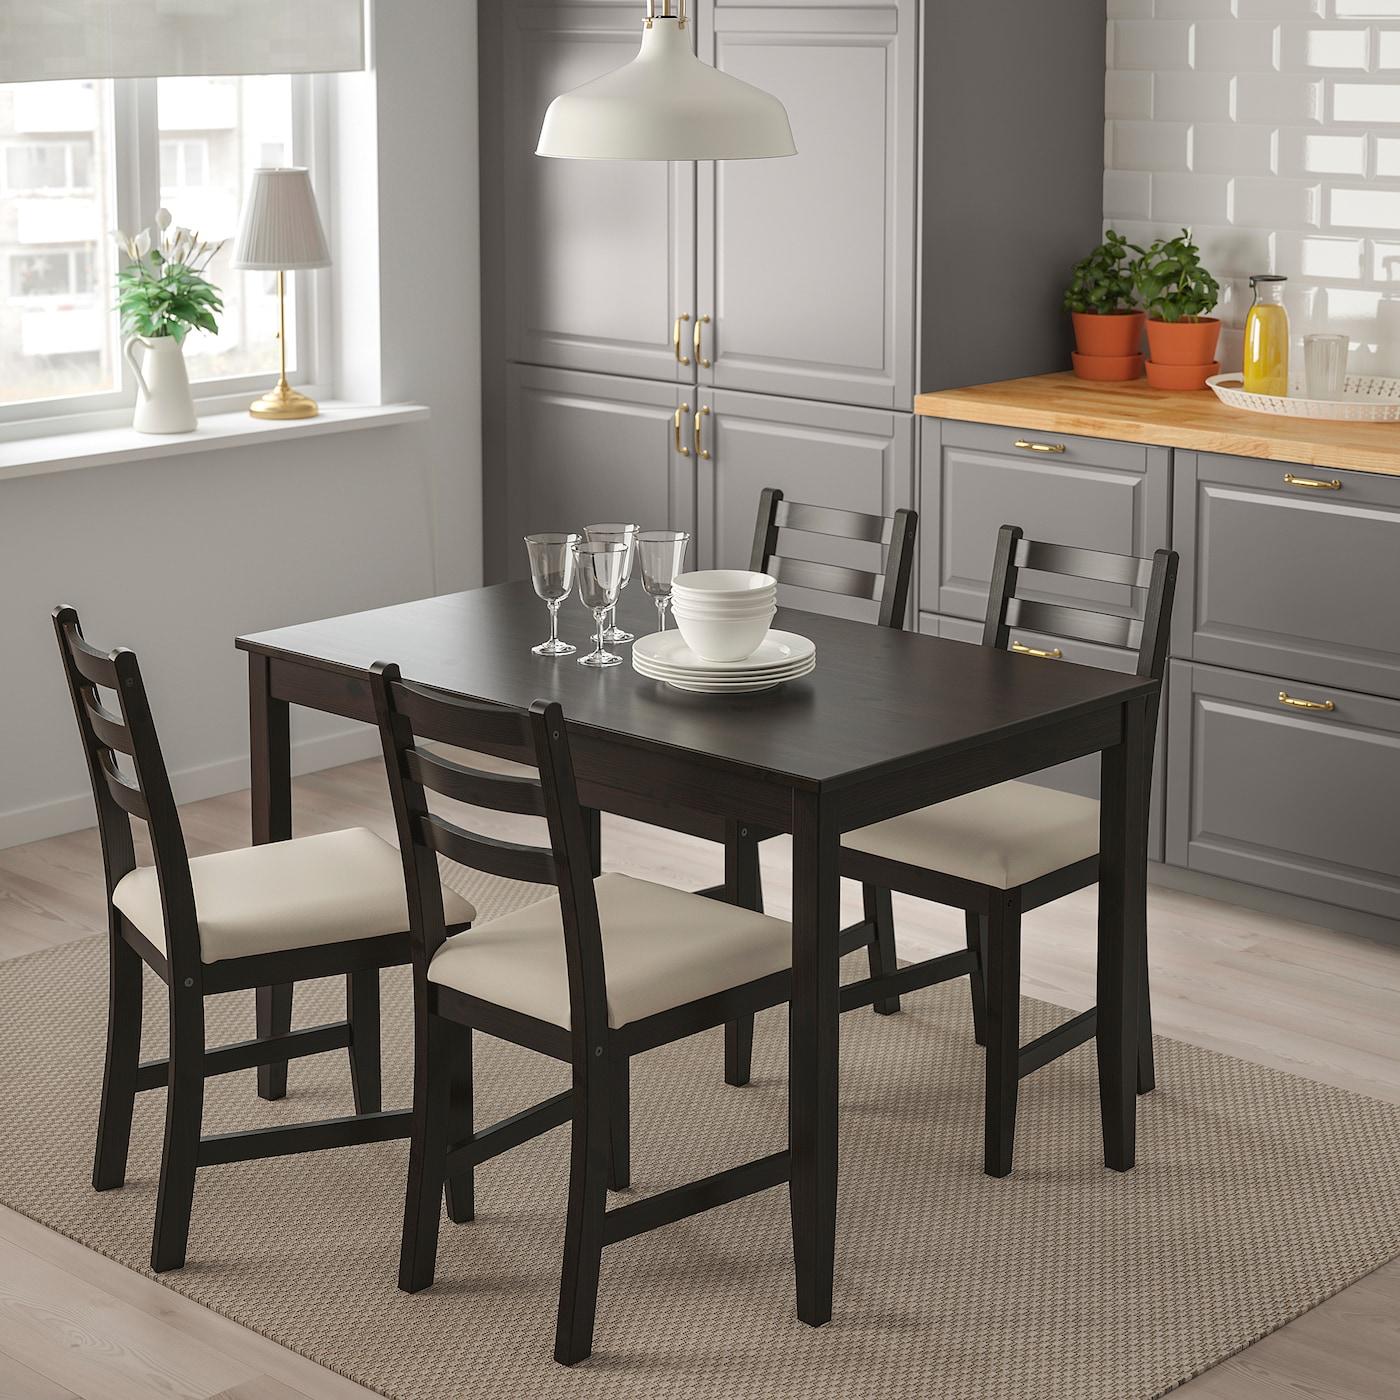 LERHAMN Tisch schwarzbraun 118x74 cm